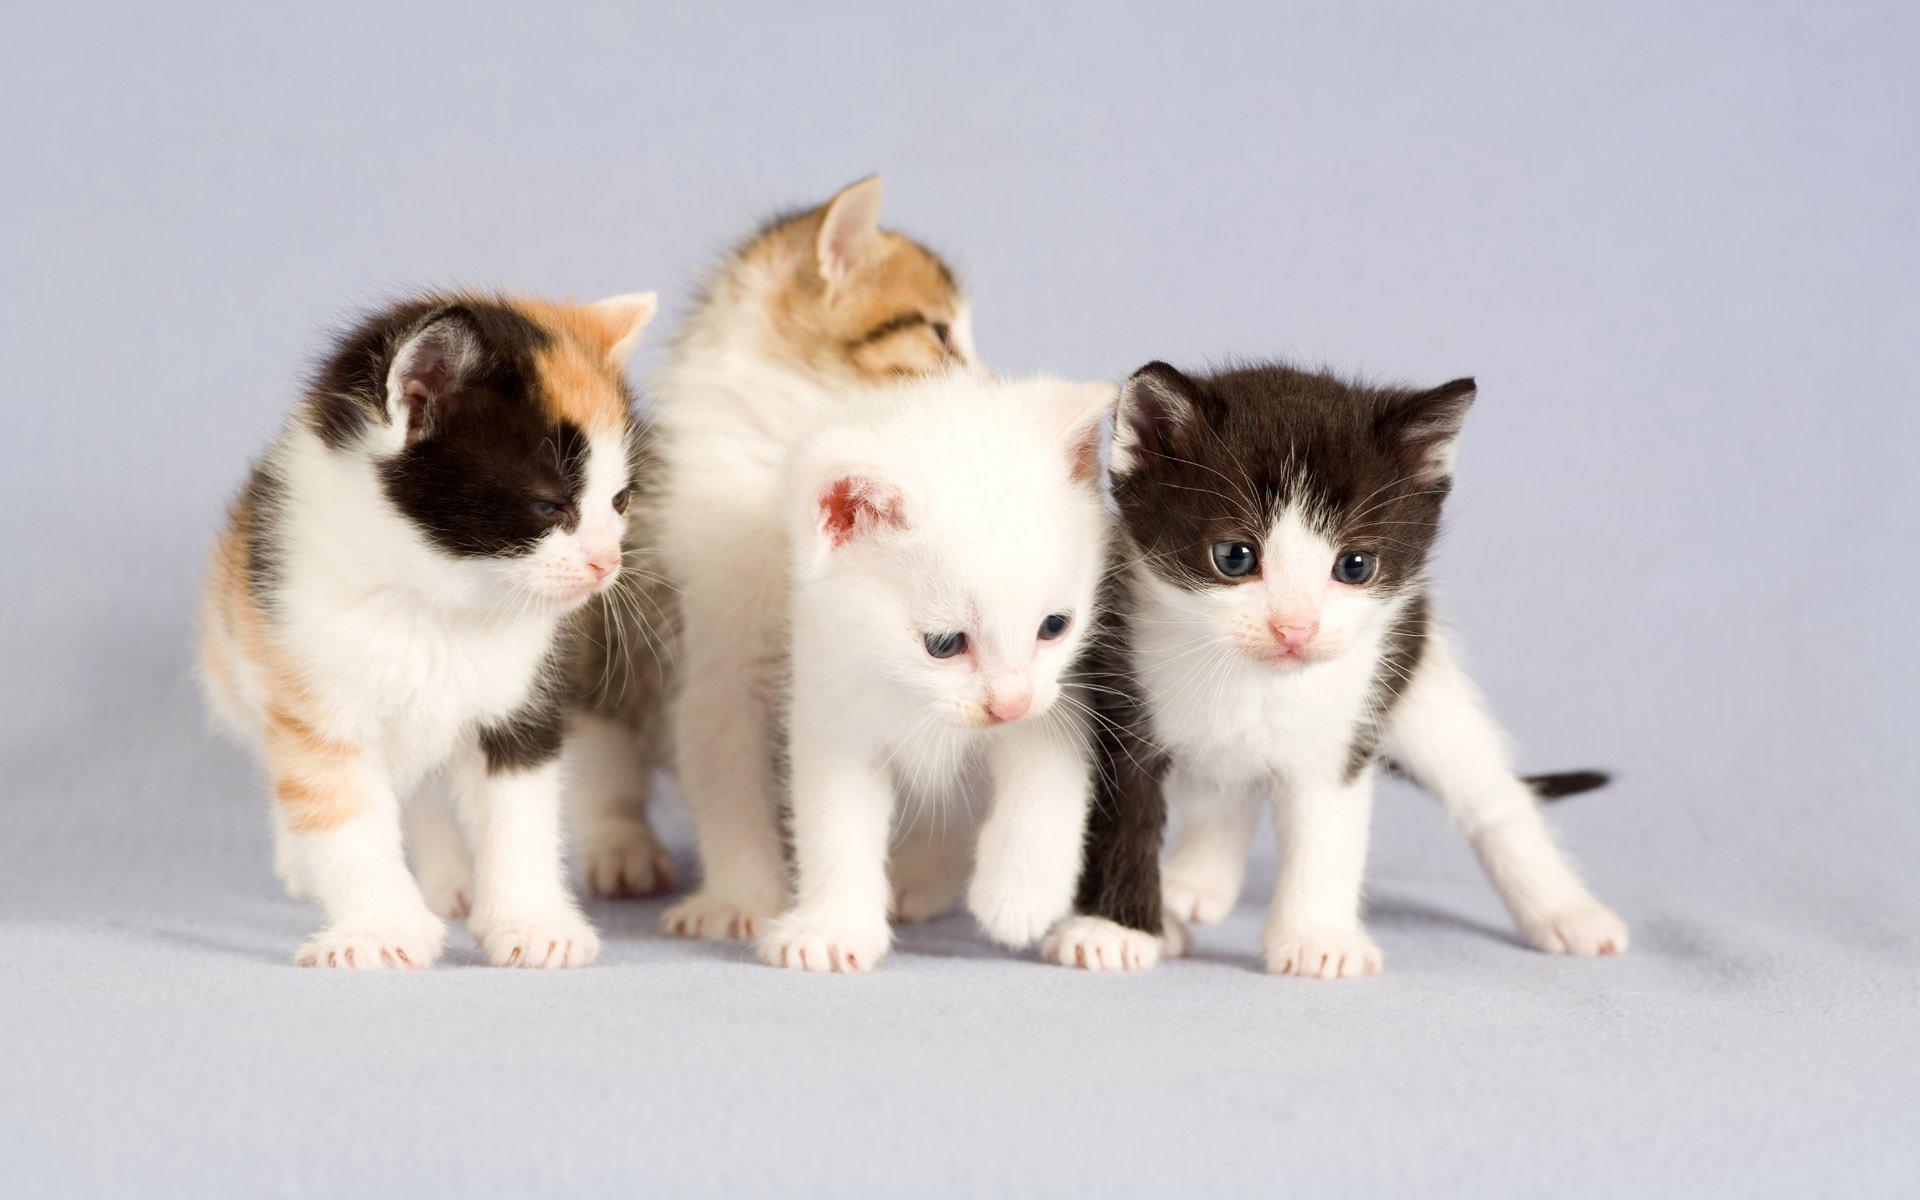 картинки с четырьмя котятами эритема